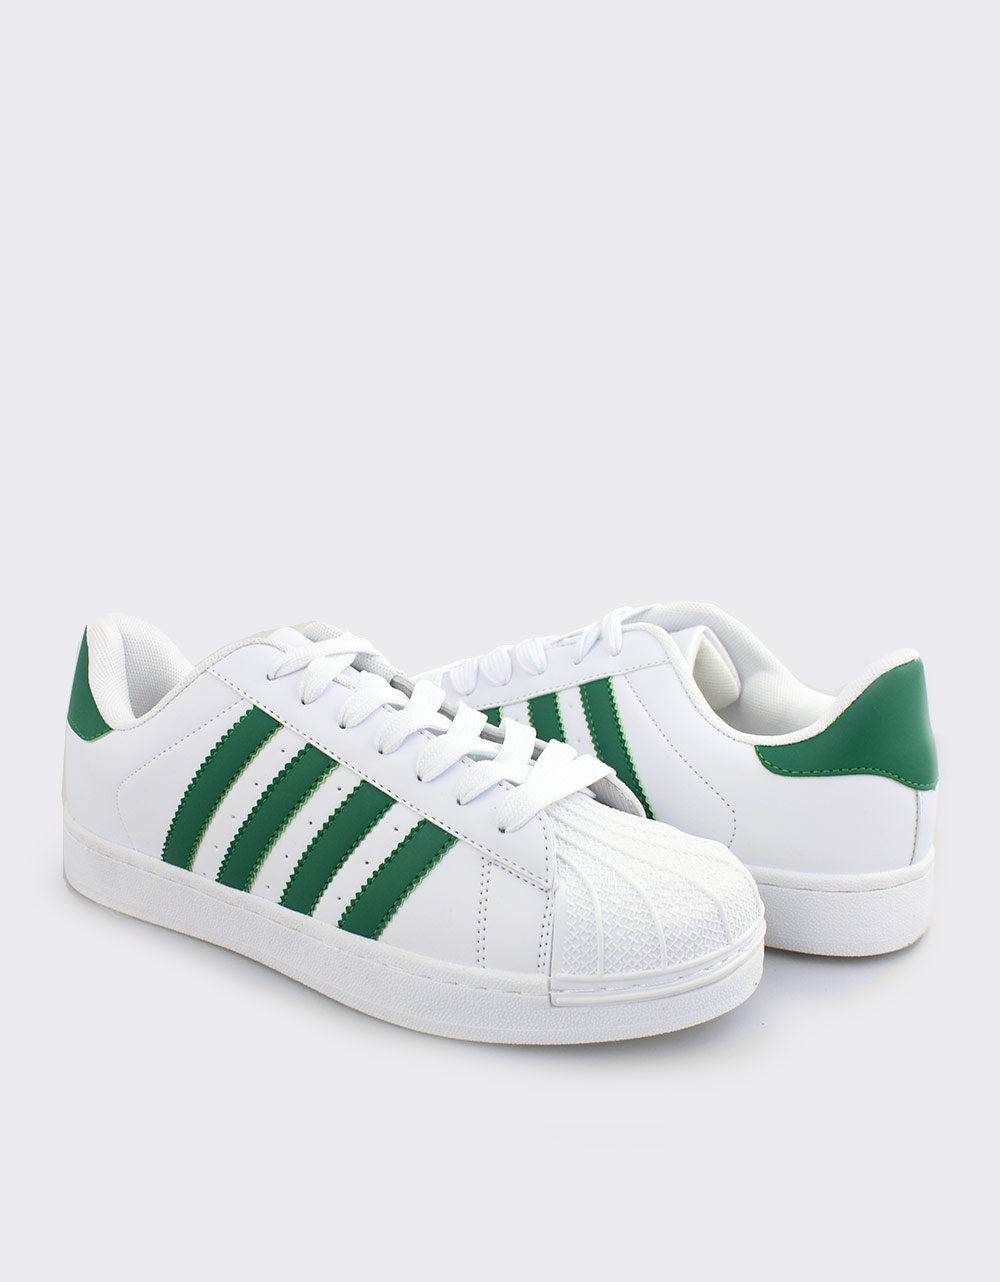 Εικόνα από Ανδρικά sneakers με ρίγες Λευκό/Πράσινο